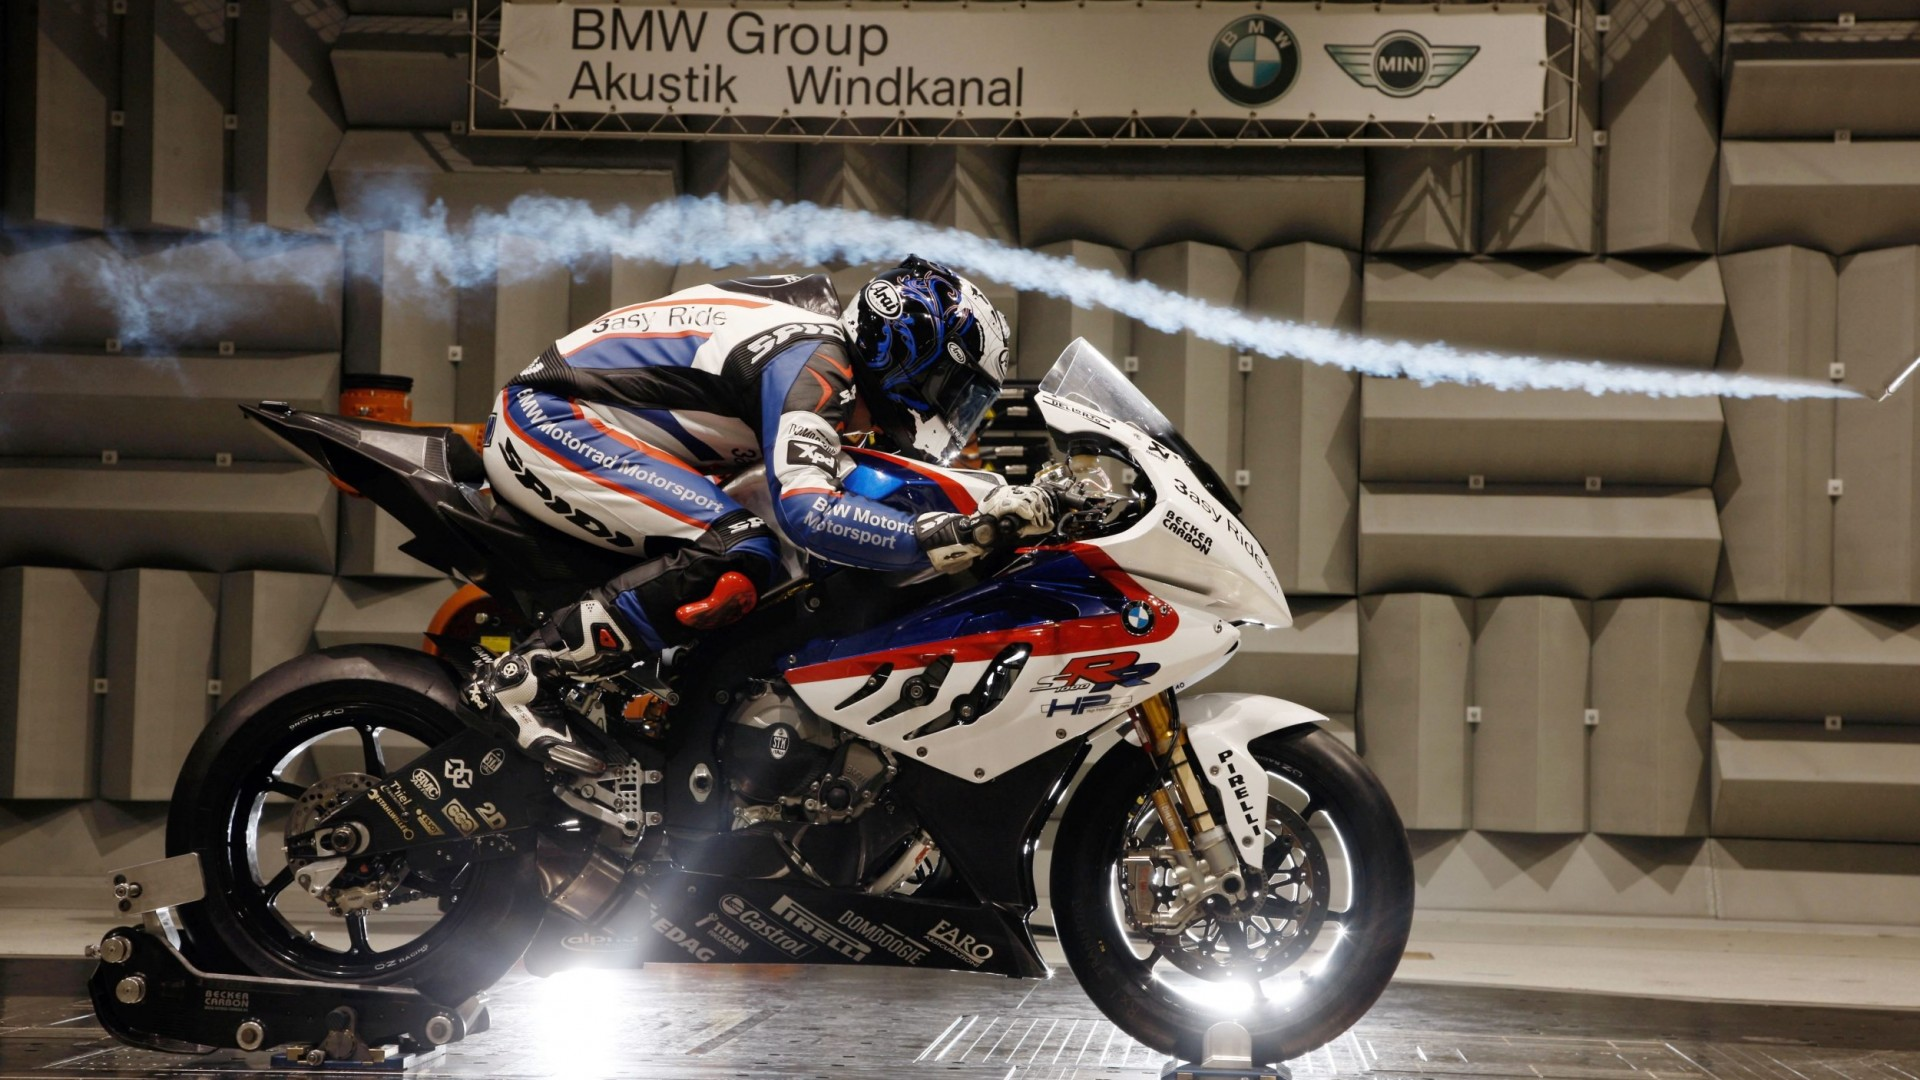 BMW-Test-Test-Sportbike-Sportbike-1080x1920.jpg